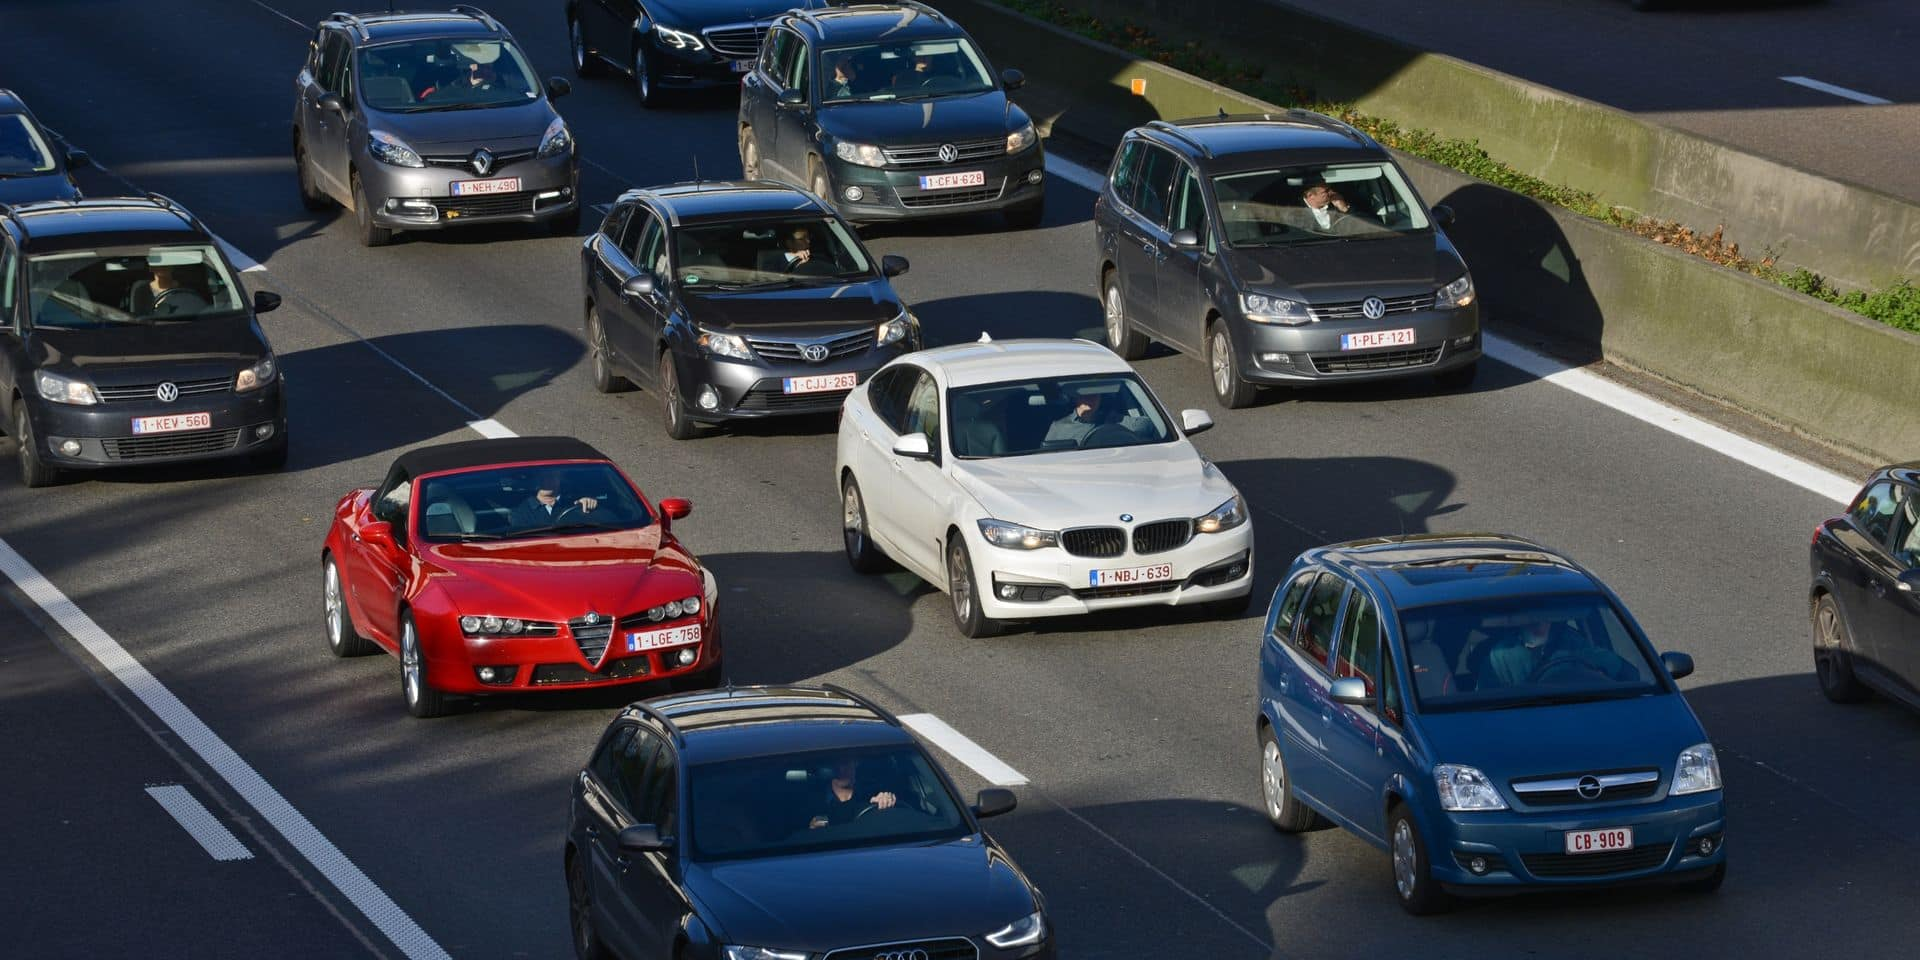 L'autoroute E40 fermée à la circulation à Adinkerke vers la France après un accident